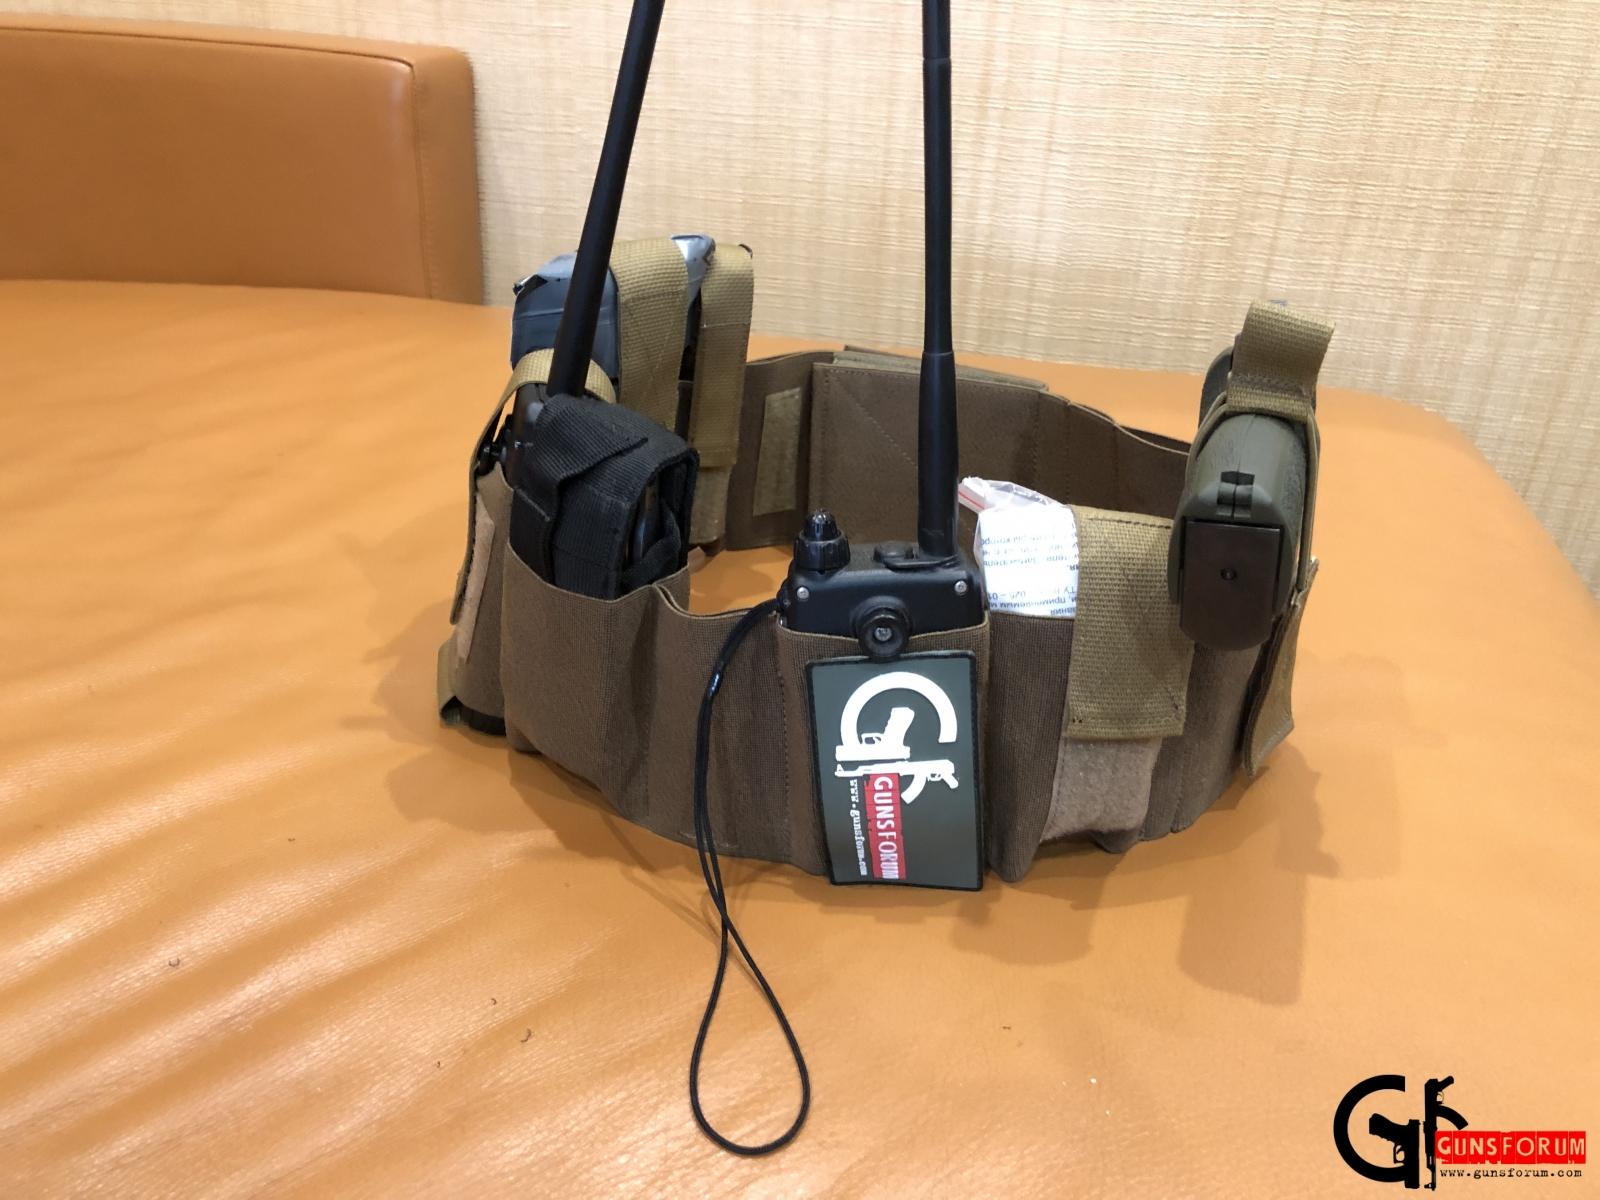 Эластичный пояс для скрытного ношения оружия от компании Tango Tactical